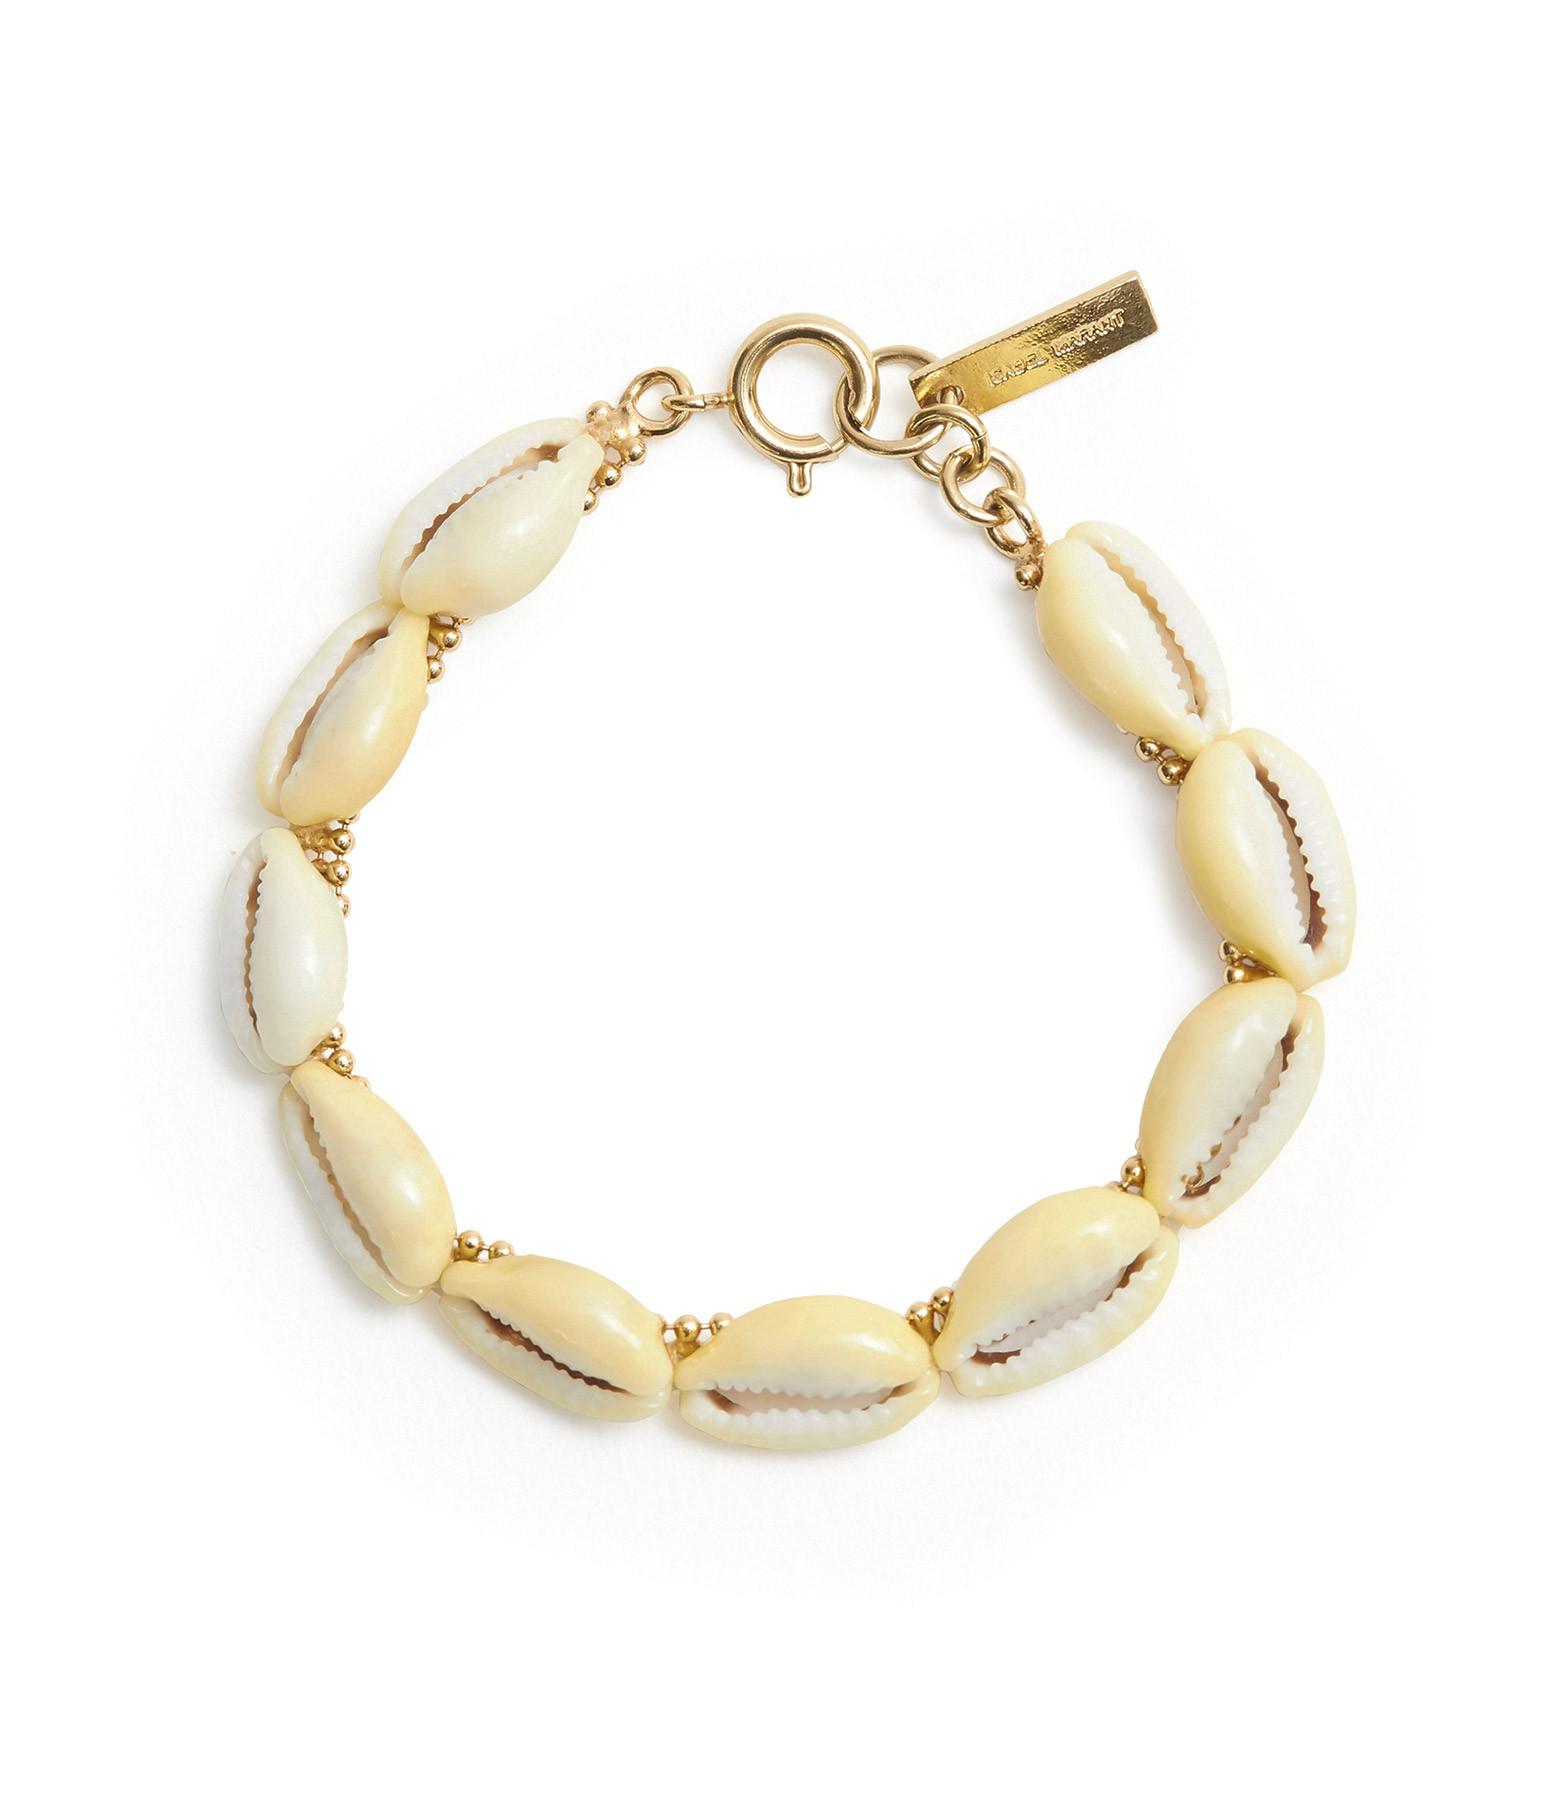 ISABEL MARANT - Bracelet Oscar Laiton Naturel